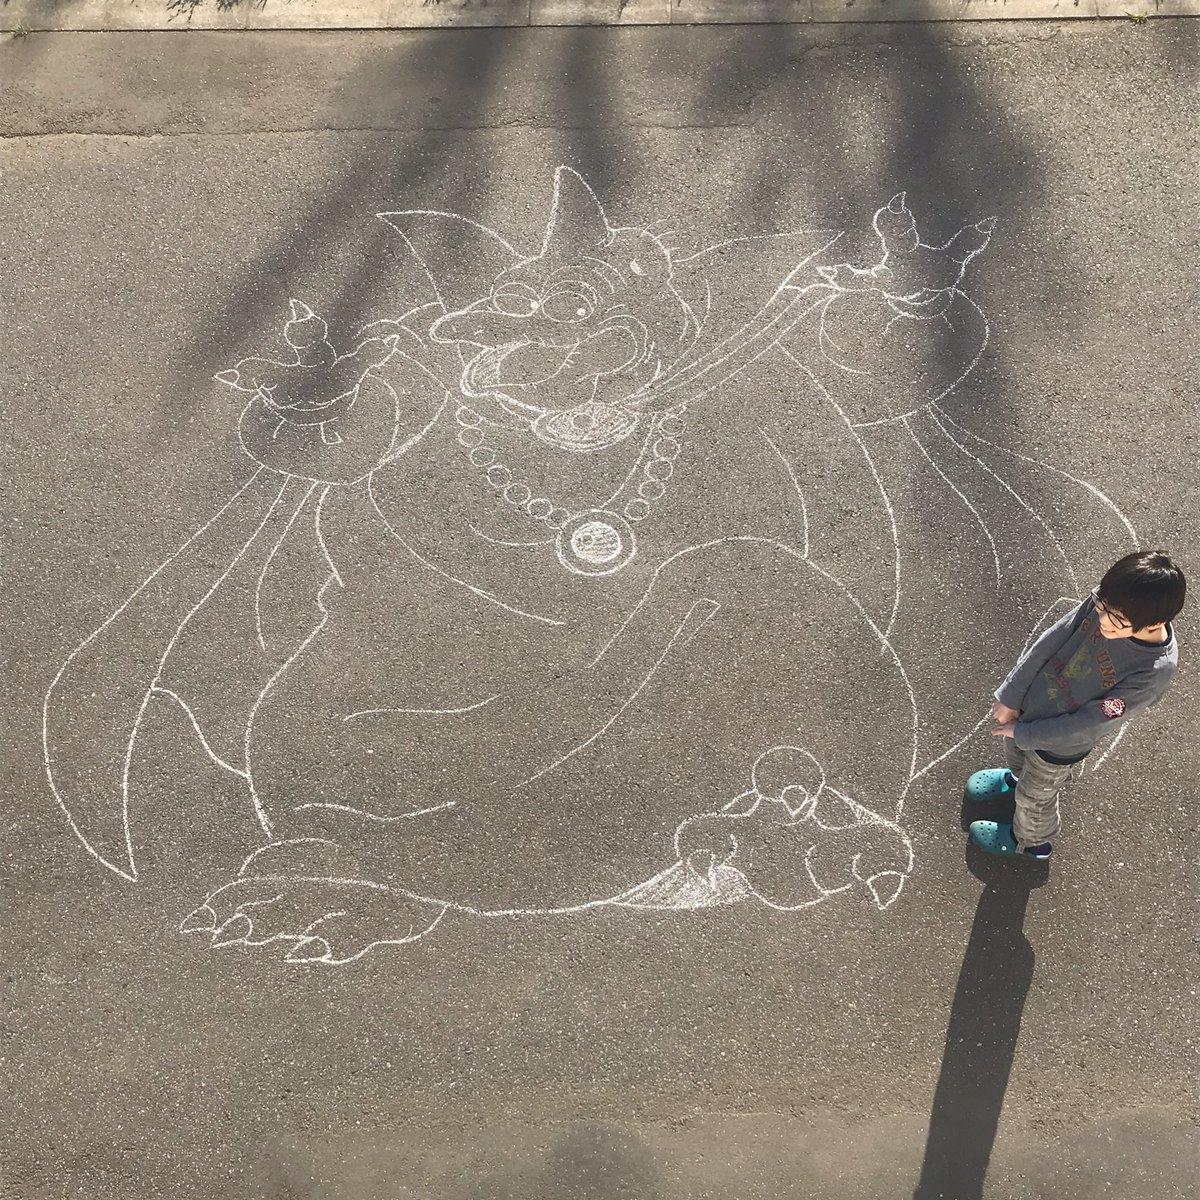 息子が暇だ暇だと言うので一緒にドラク絵やりました。息子のハーゴンうまくない?(^◇^;)